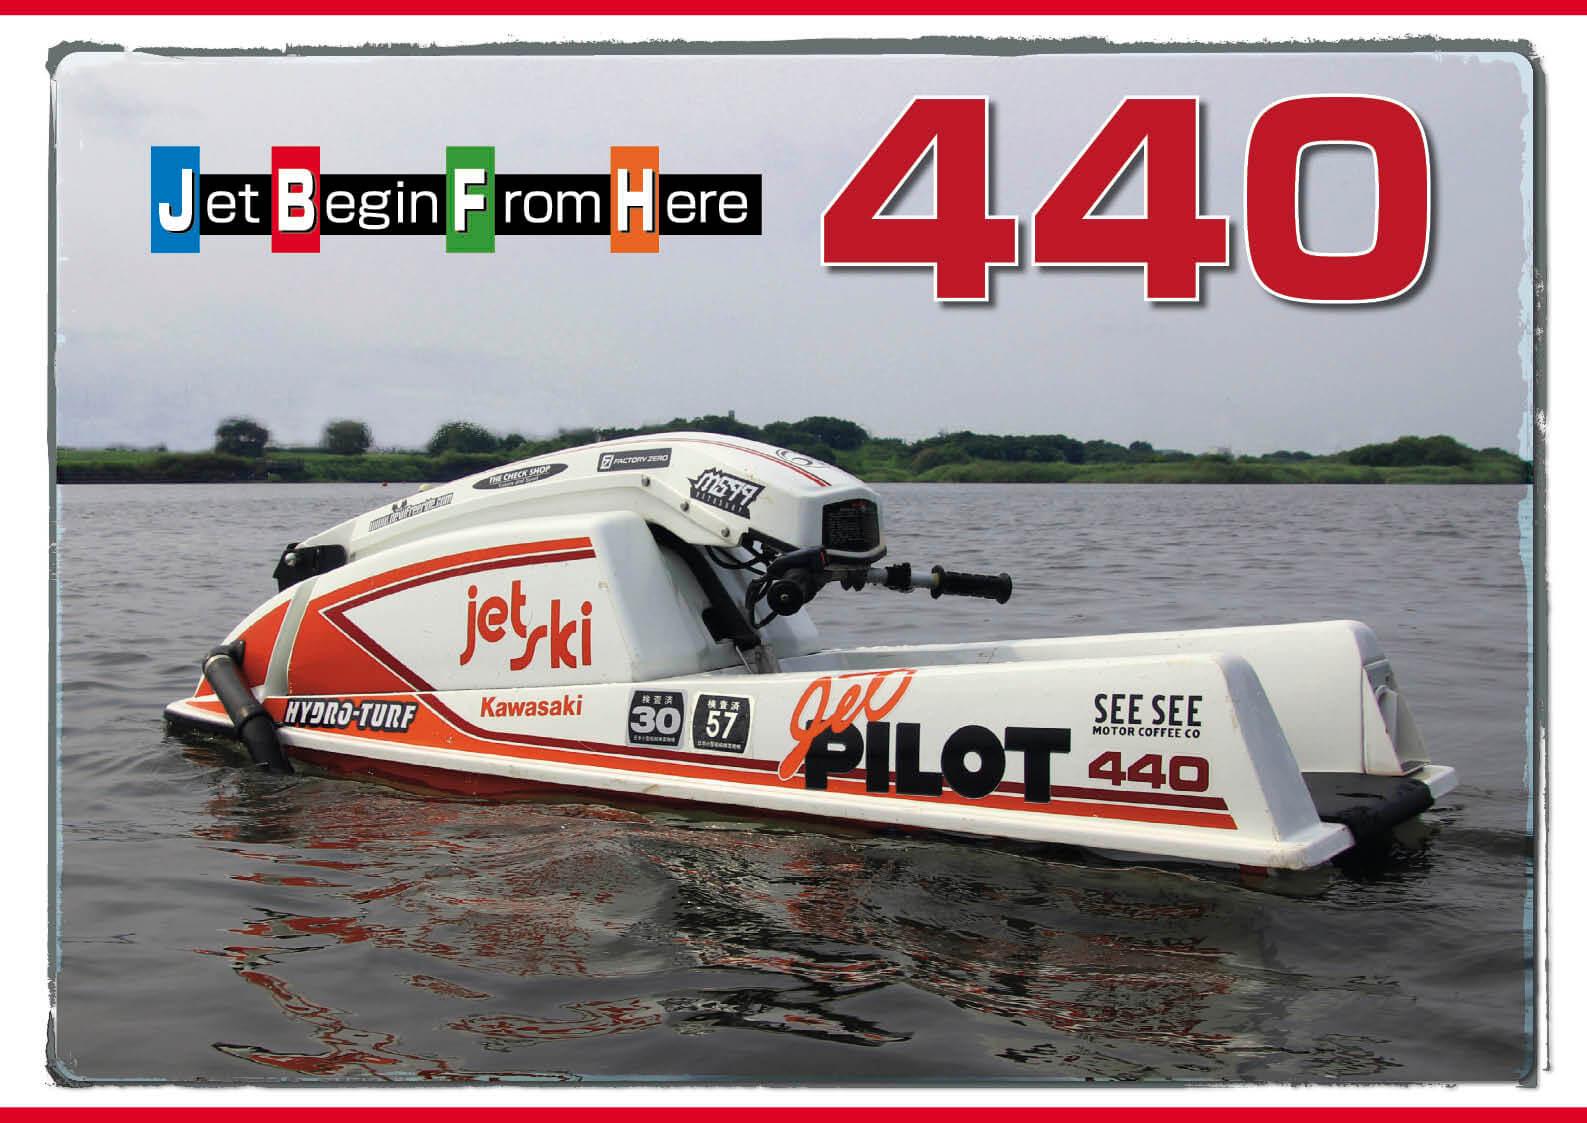 伝説のジェットスキー カワサキJS440に乗った日 (水上バイク)